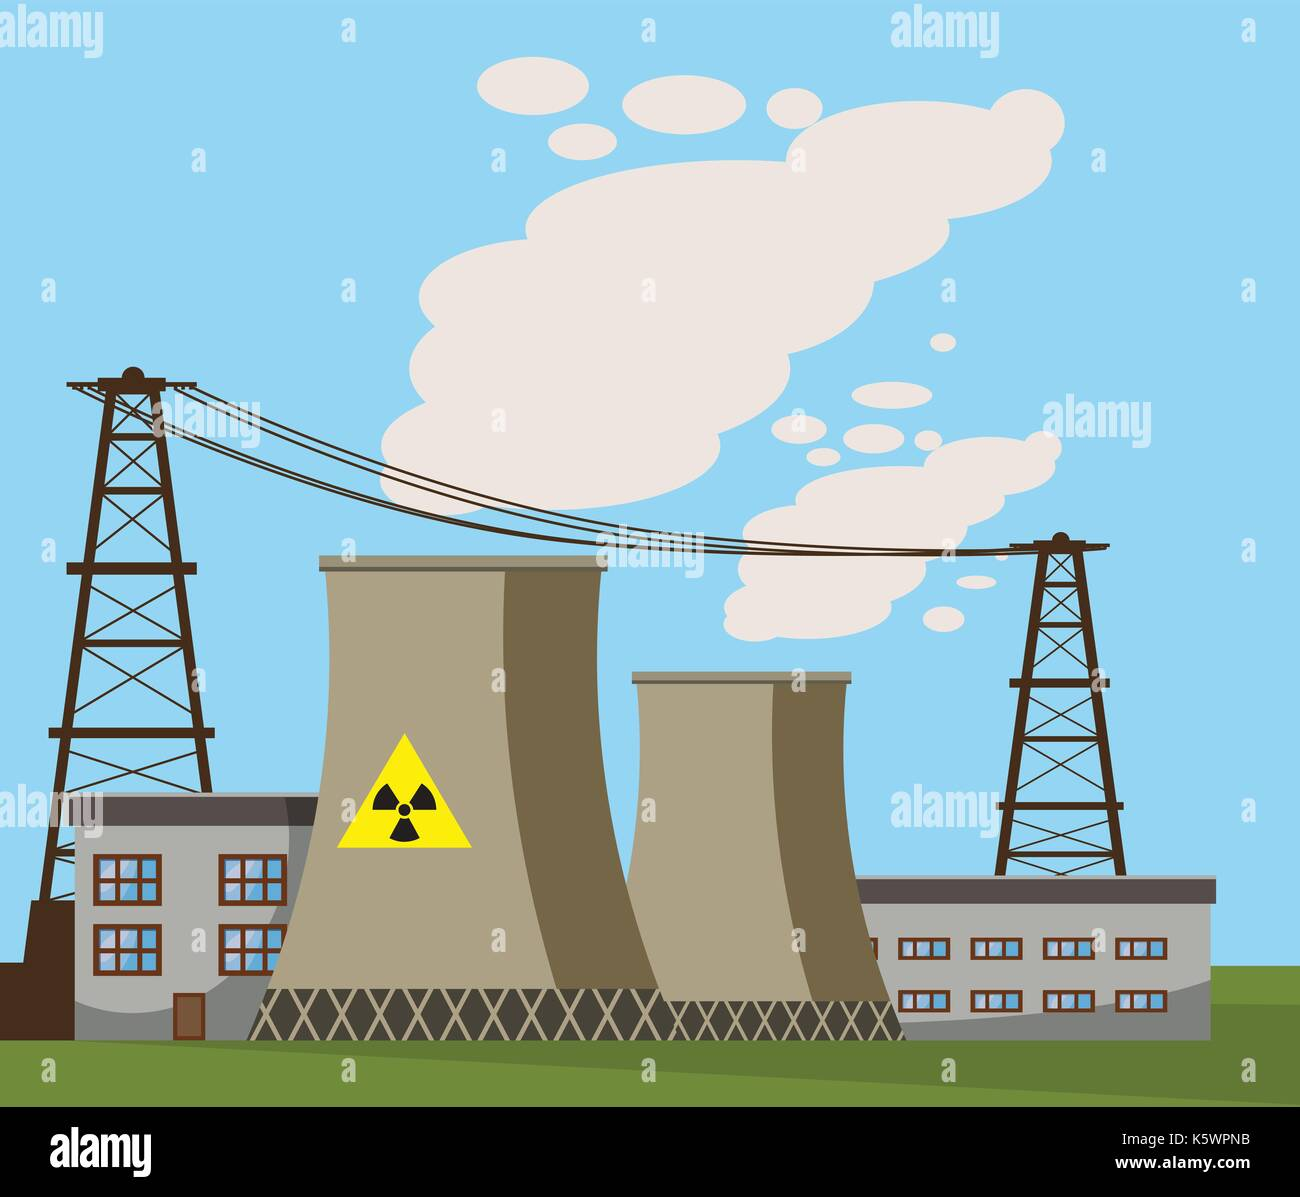 La Planta De Energía Nuclear El Icono De Estilo De Dibujos Animados